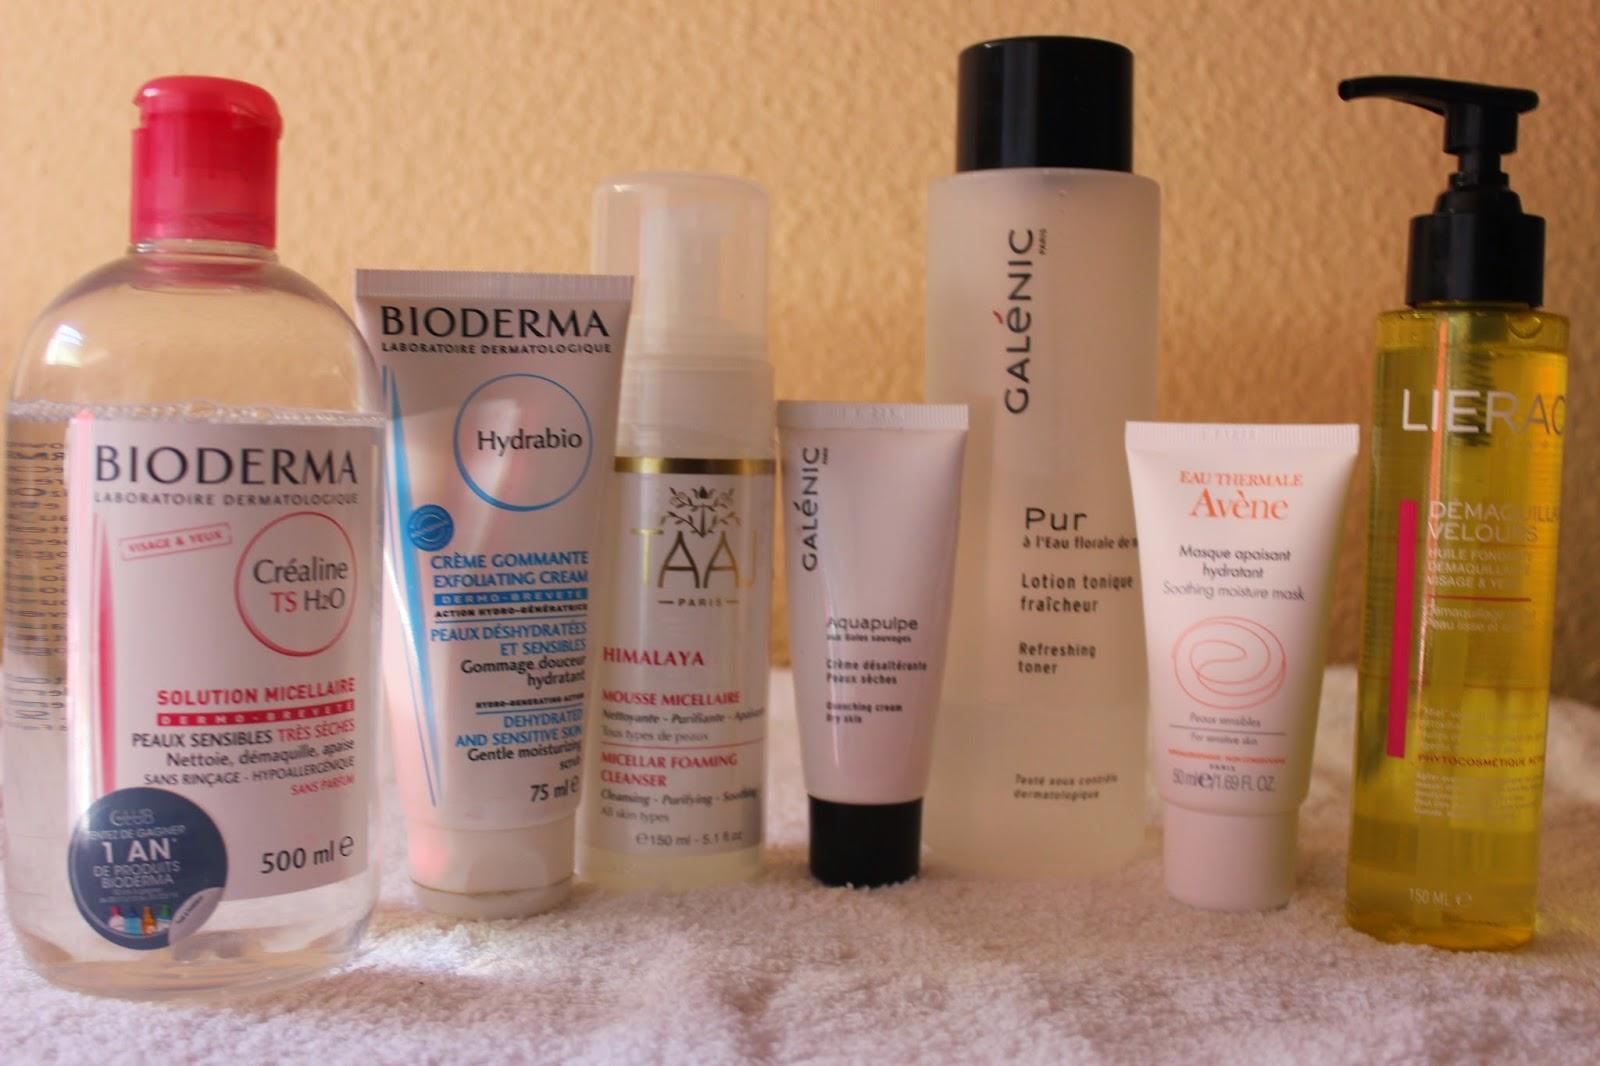 bioderma, lierac, démaquillage visage, produits de beauté, galenic, taaj, avene